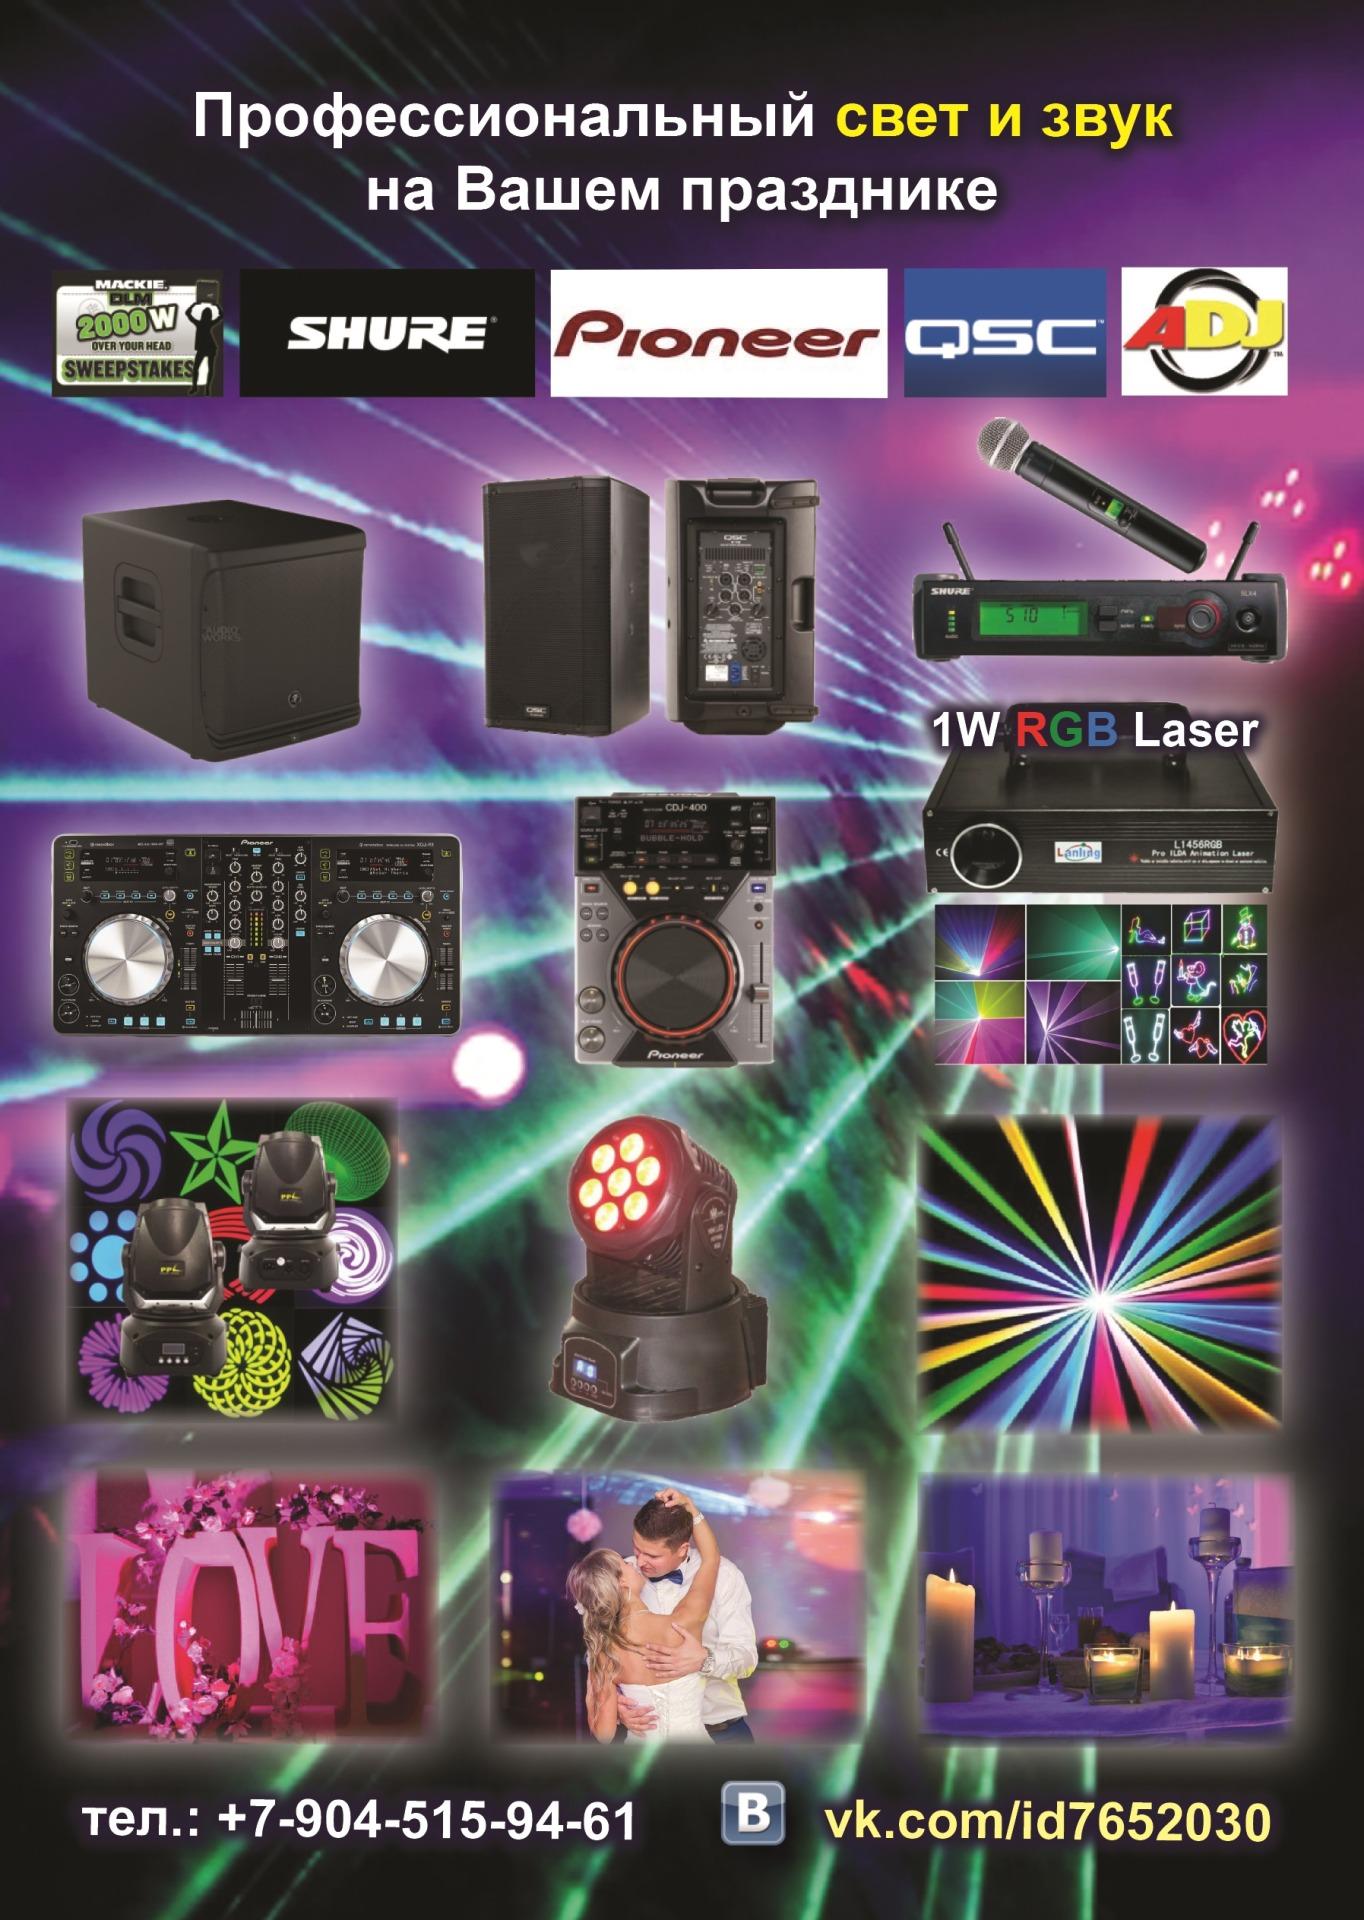 Профессиональный свет звук лазерное шоу